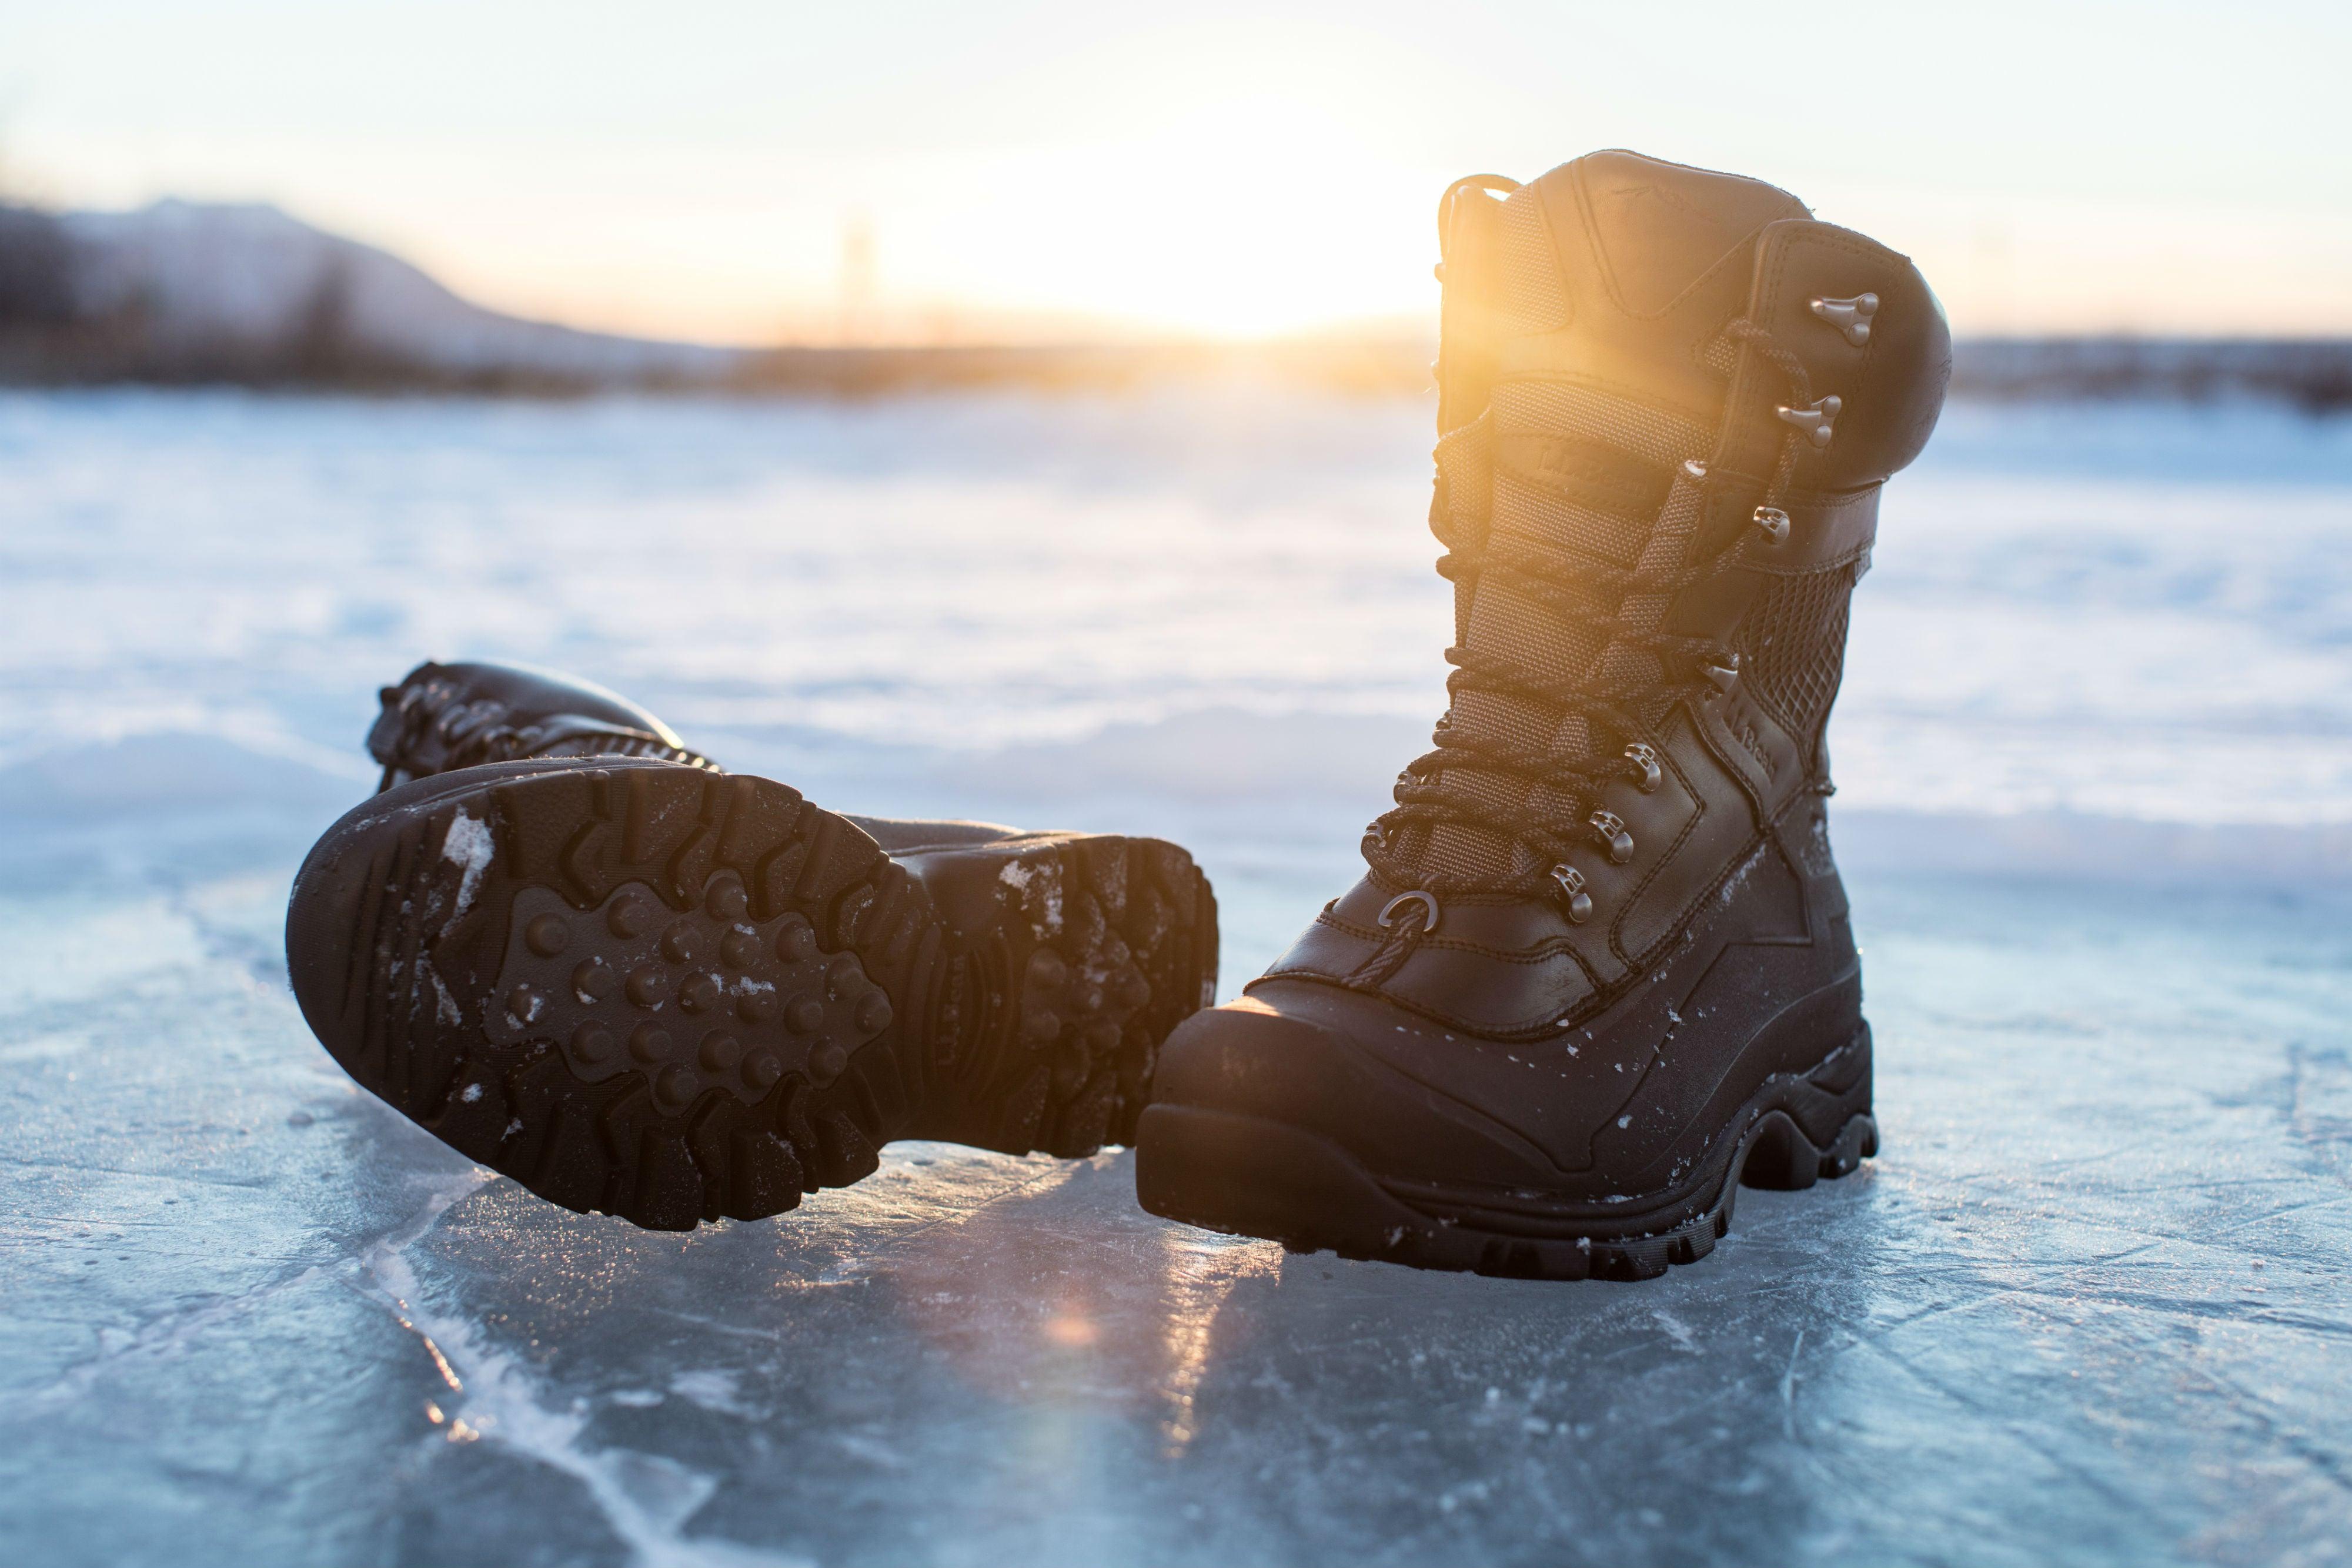 L.L.Bean Wildcat Boots Pro